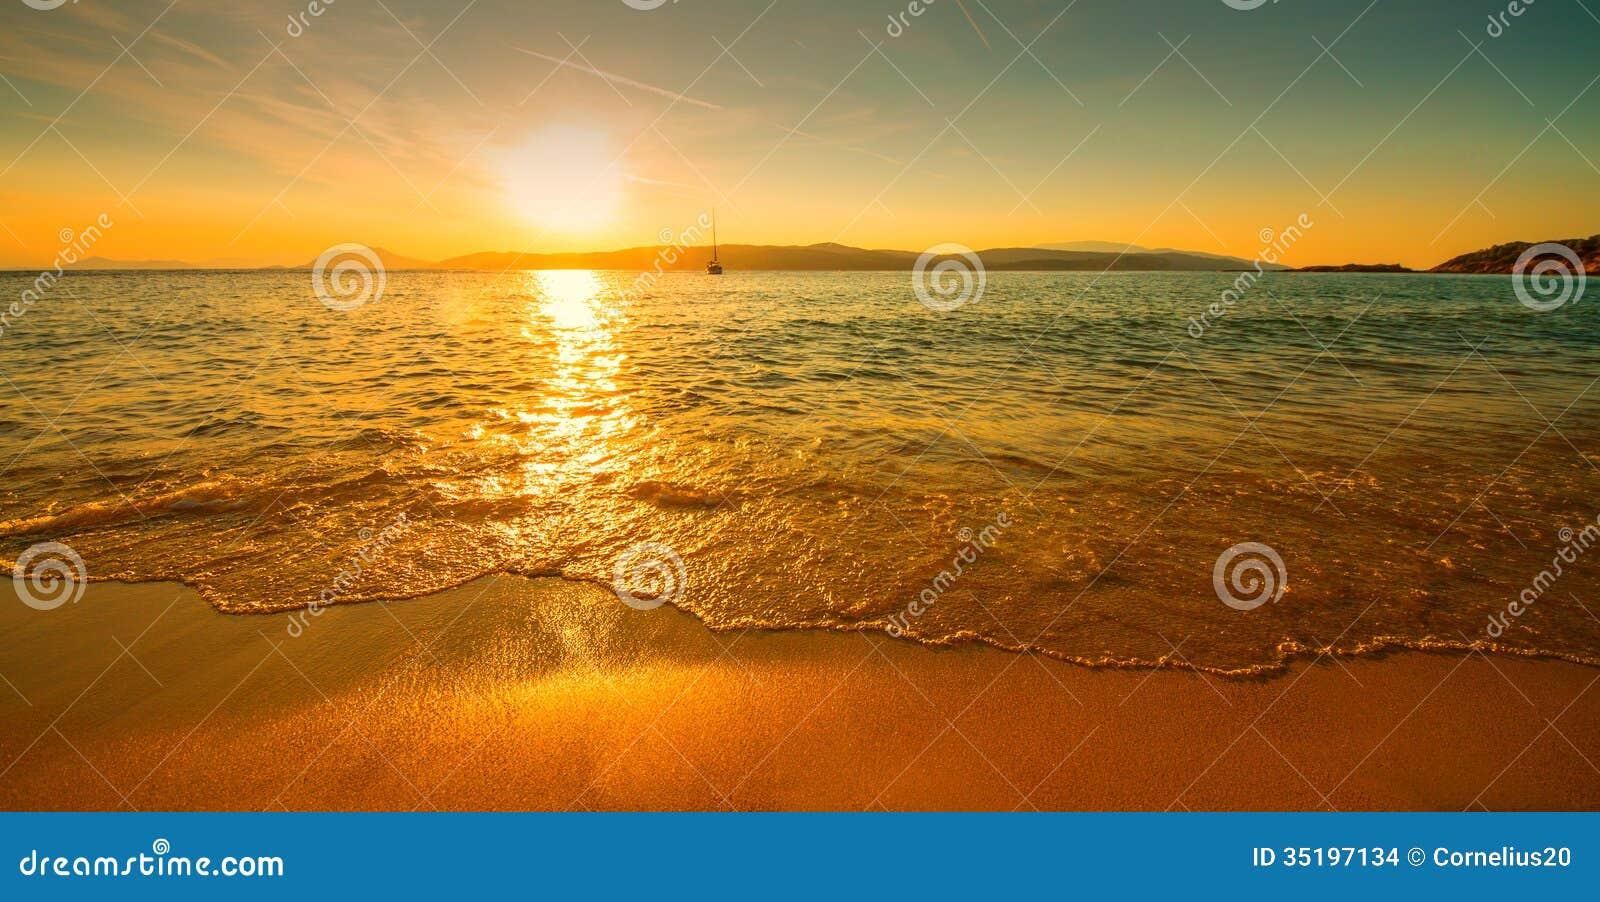 Playa soleada de la puesta del sol